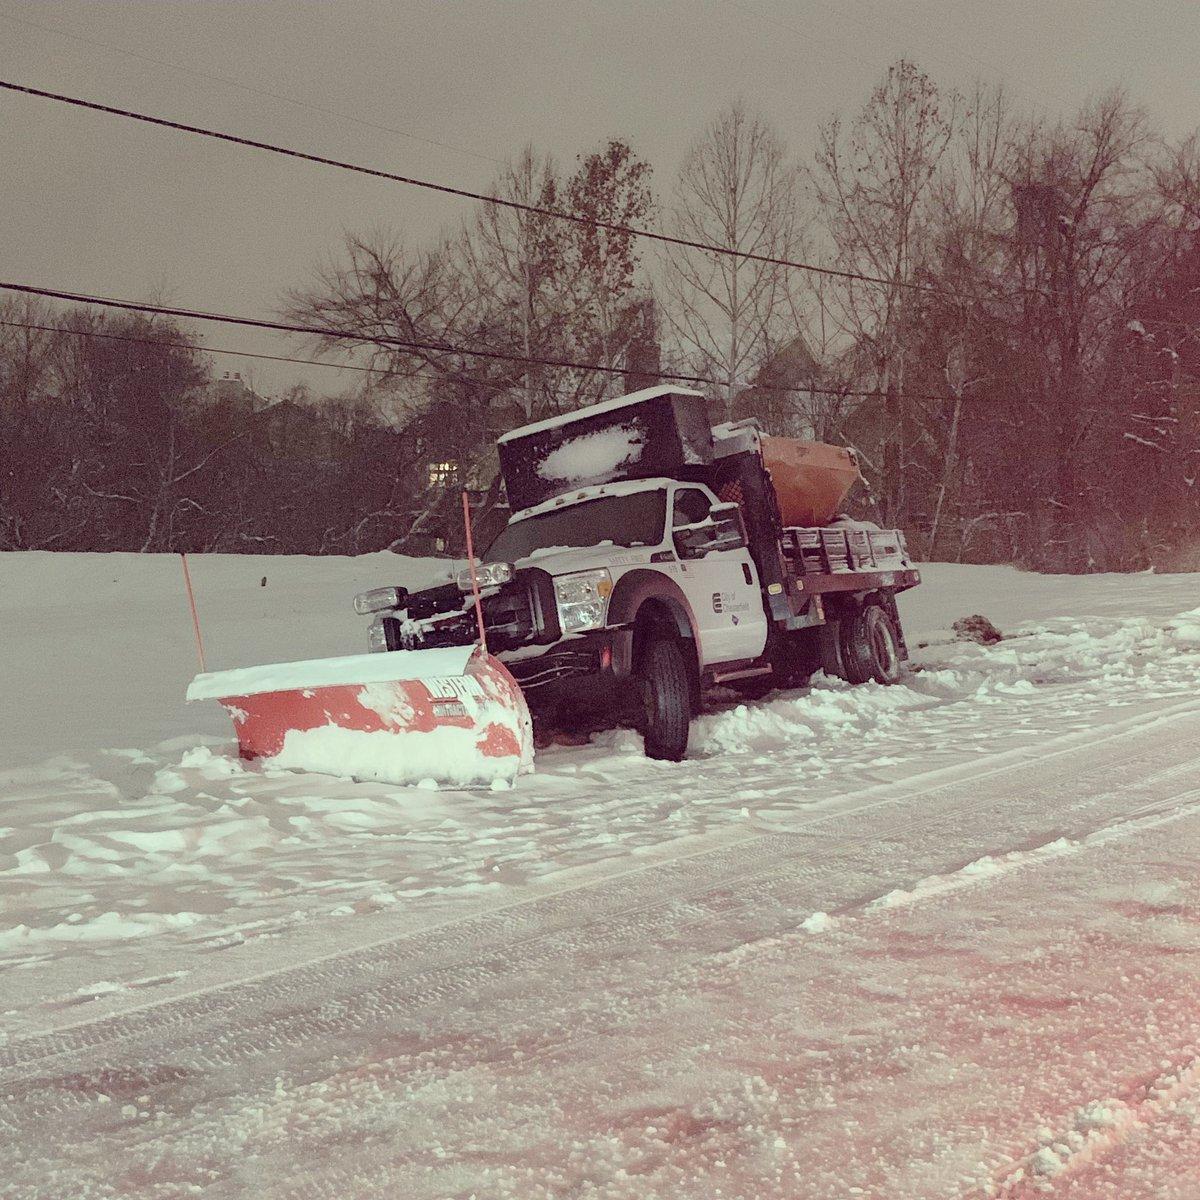 nefarious umlaut's photo on #snowpocalypse